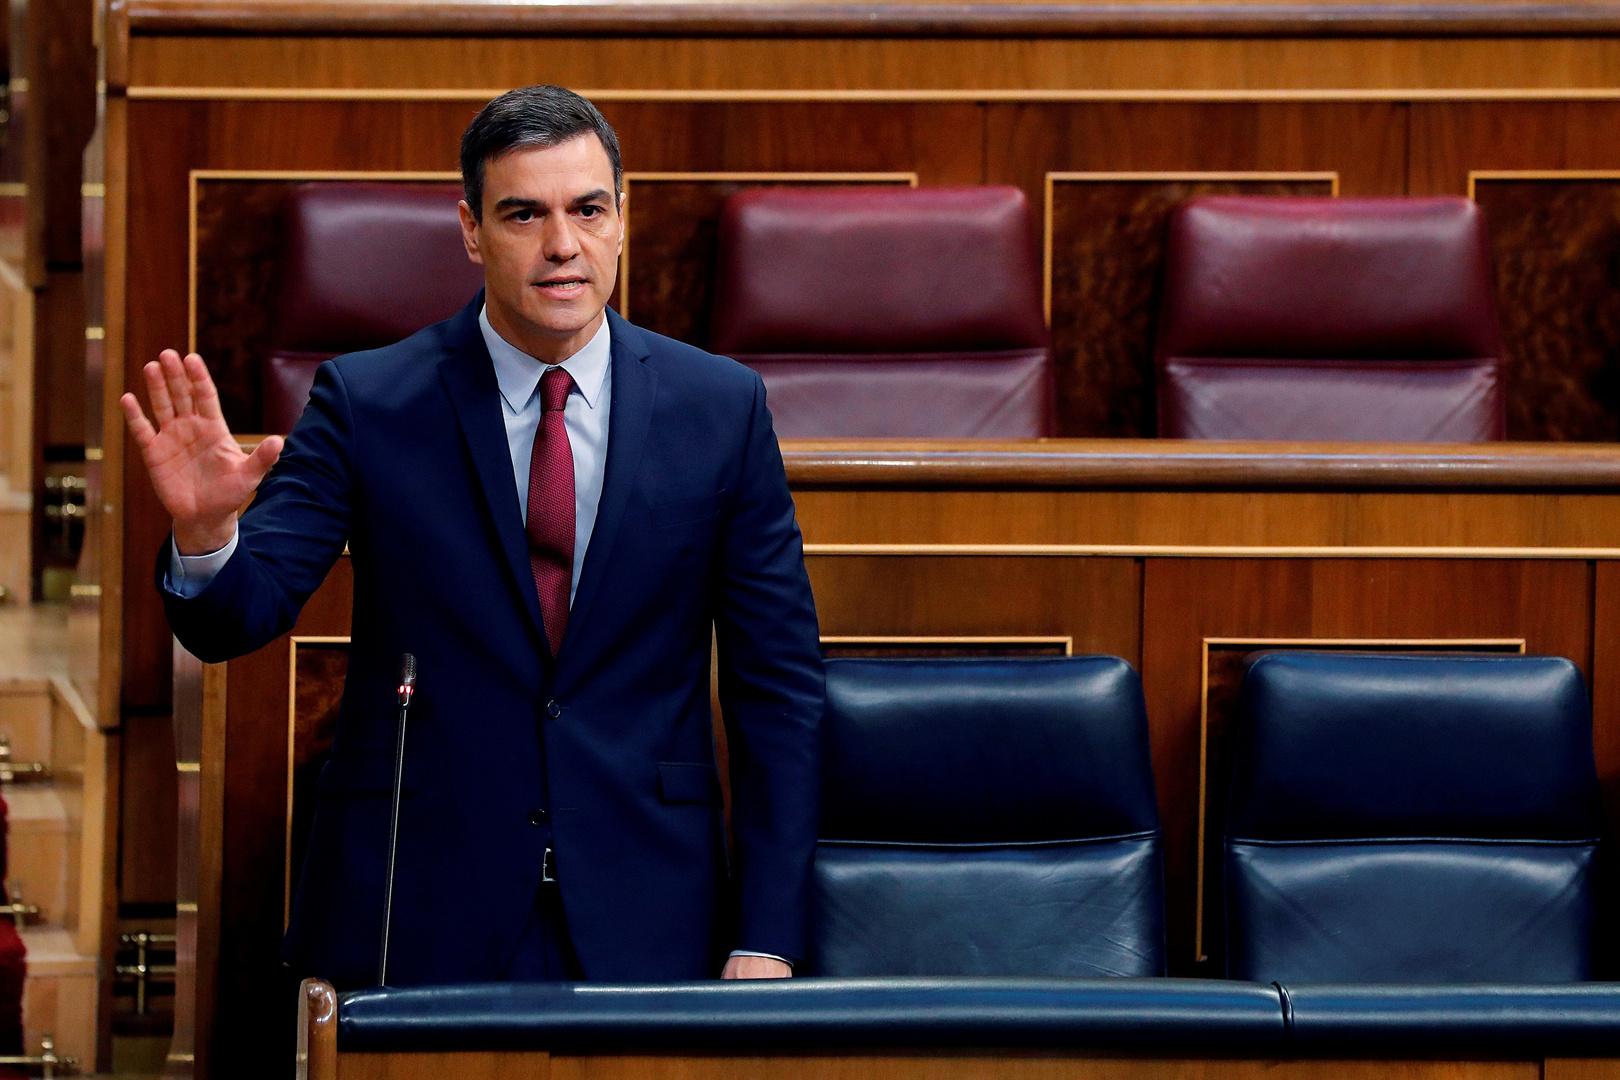 رئيس وزراء إسبانيا: سنعيد فتح السياحة الدولية في يوليو والدوري الكروي قد يستأنف في يونيو